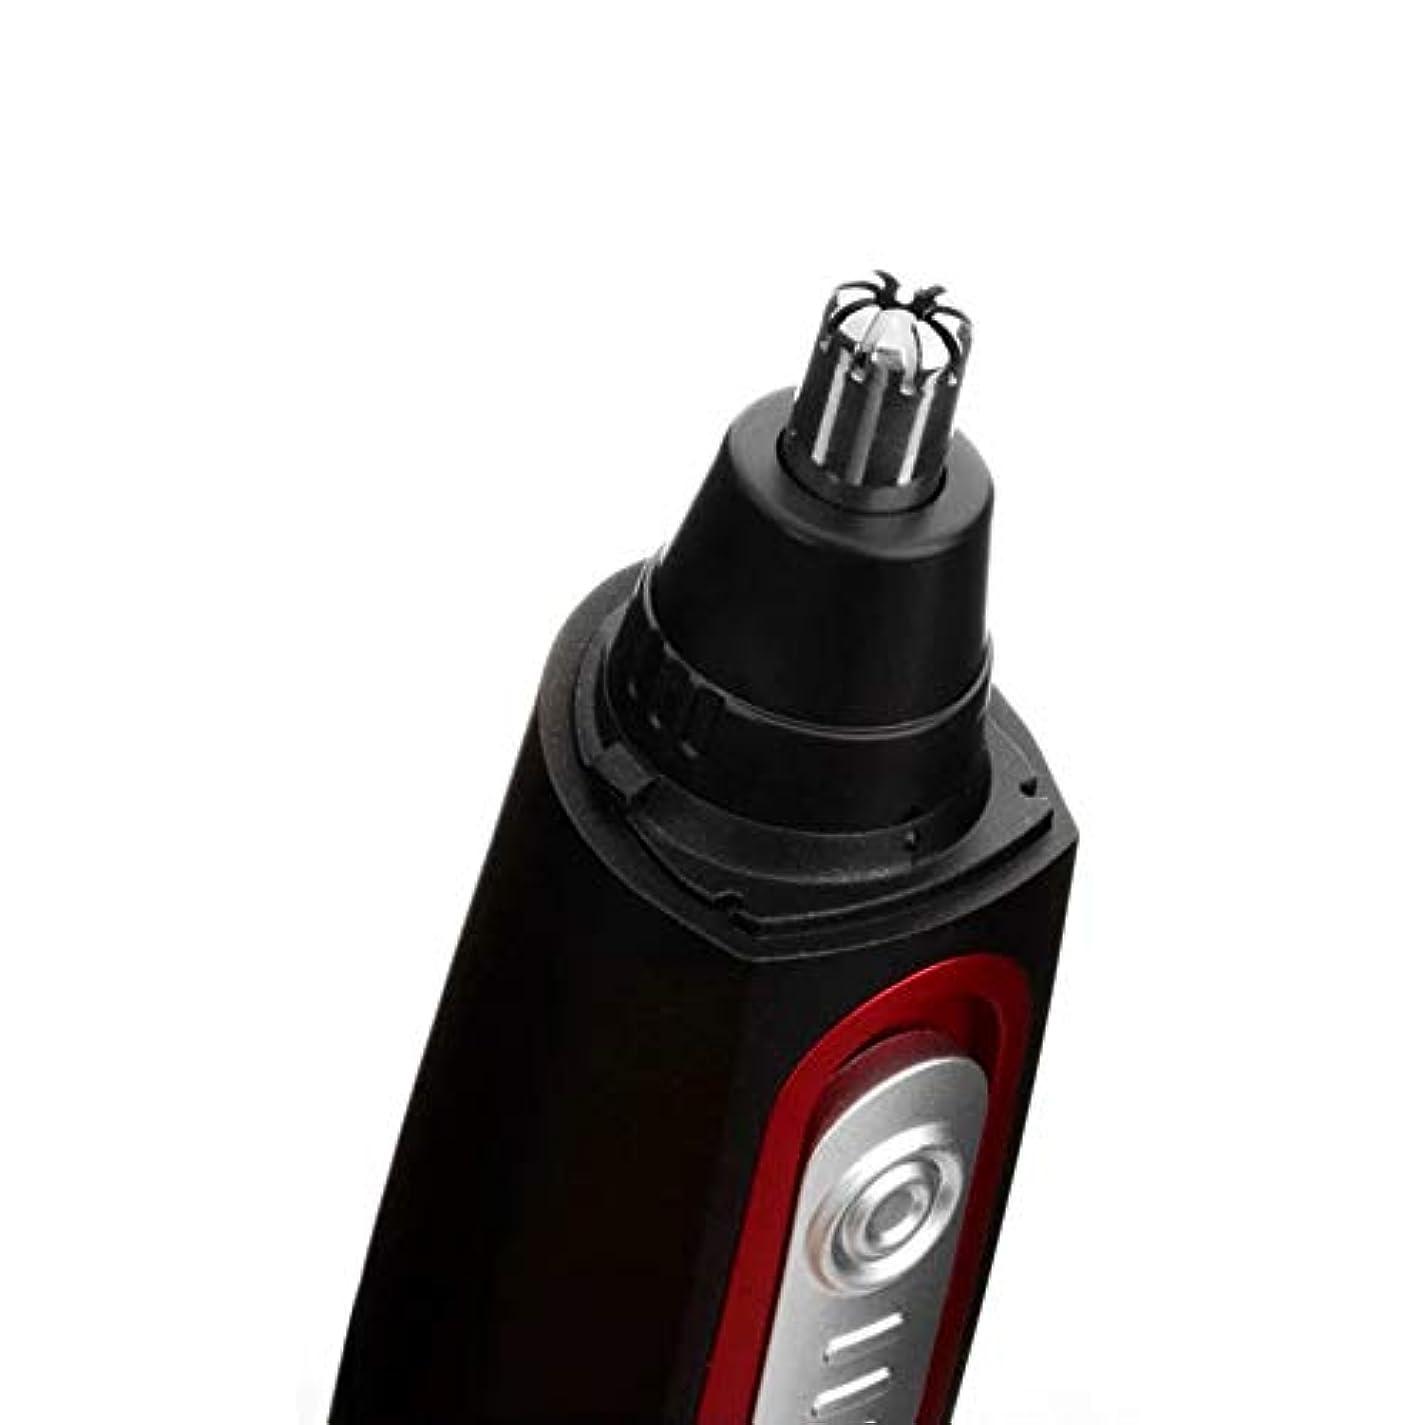 超える関係するきゅうりノーズヘアトリマー/メンズシェービングノーズヘアスクレーピングノーズヘアハサミ/ 360°効果的なキャプチャー/三次元ロータリーカッターヘッドデザイン/ 14cm 軽度の脱毛